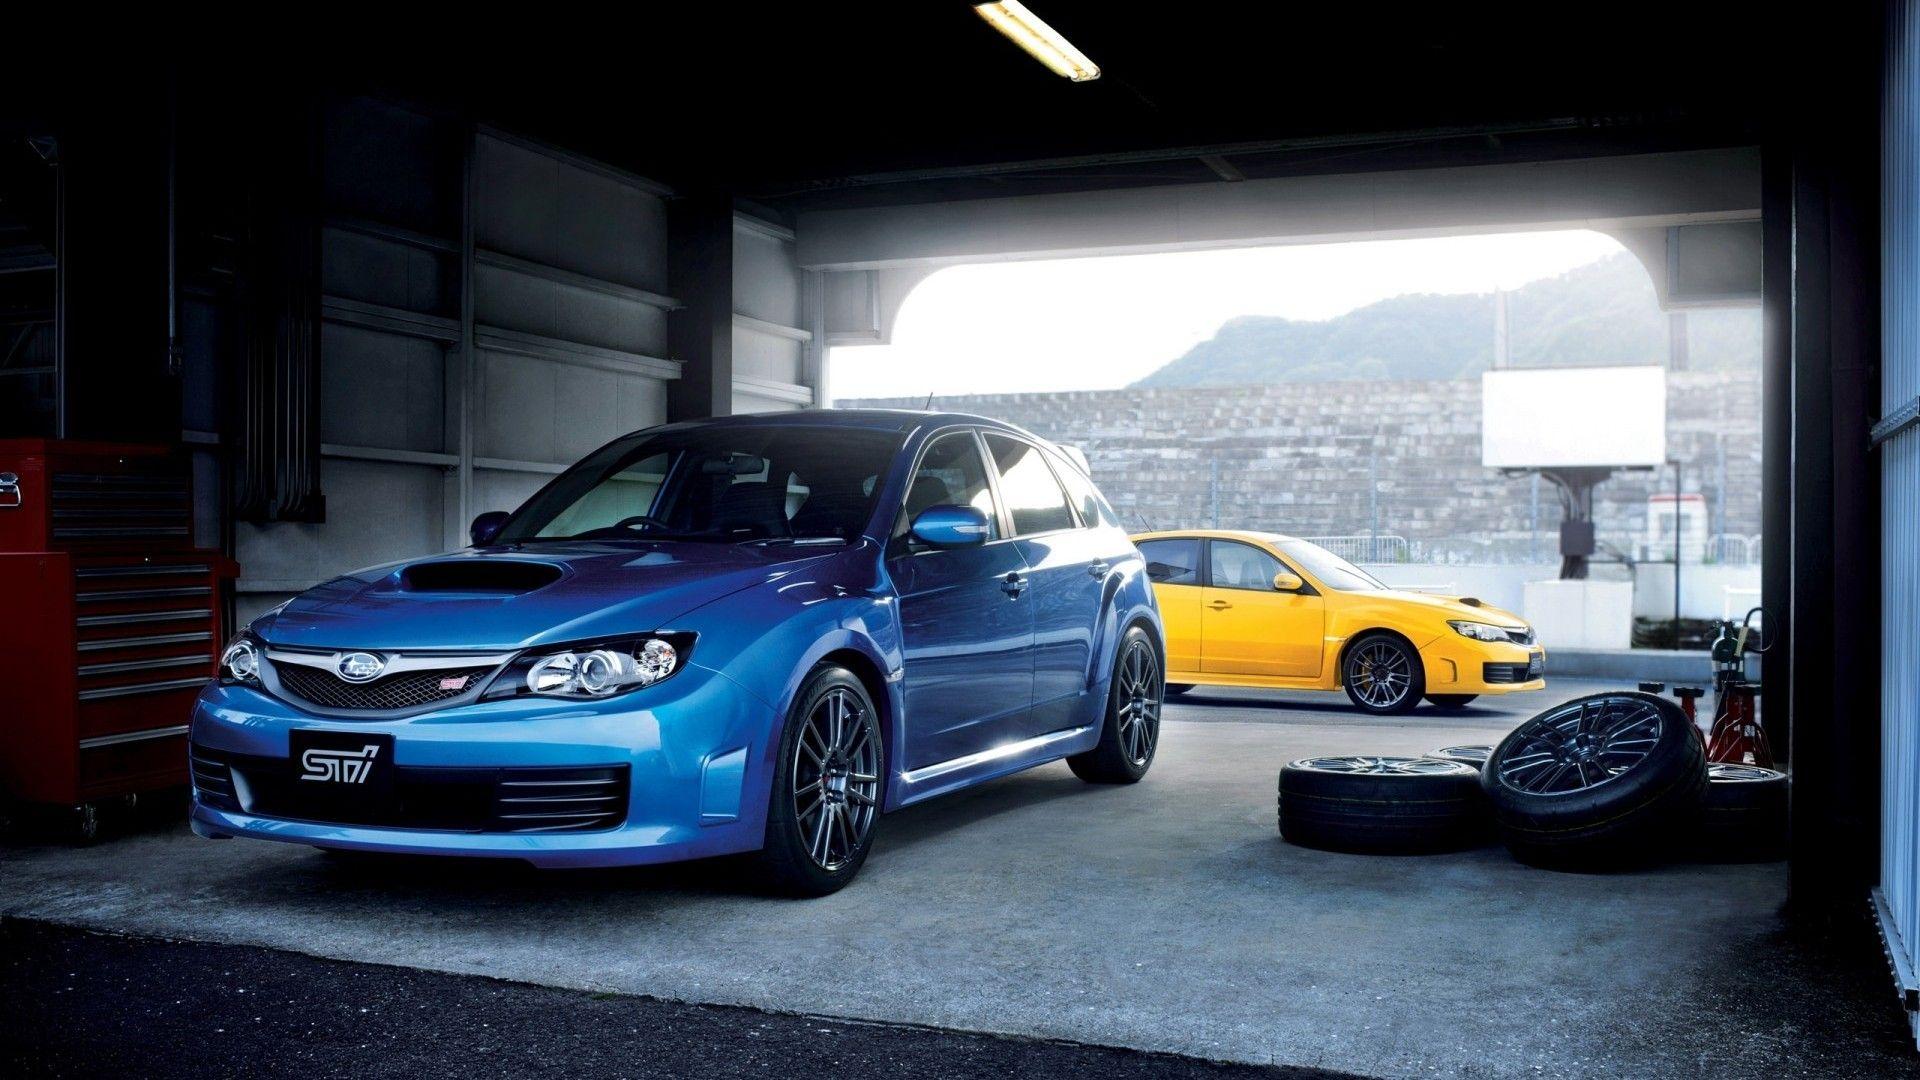 Subaru wrx sti wallpaper 2013 cars pinterest subaru wrx subaru wrx sti wallpaper 2013 vanachro Images